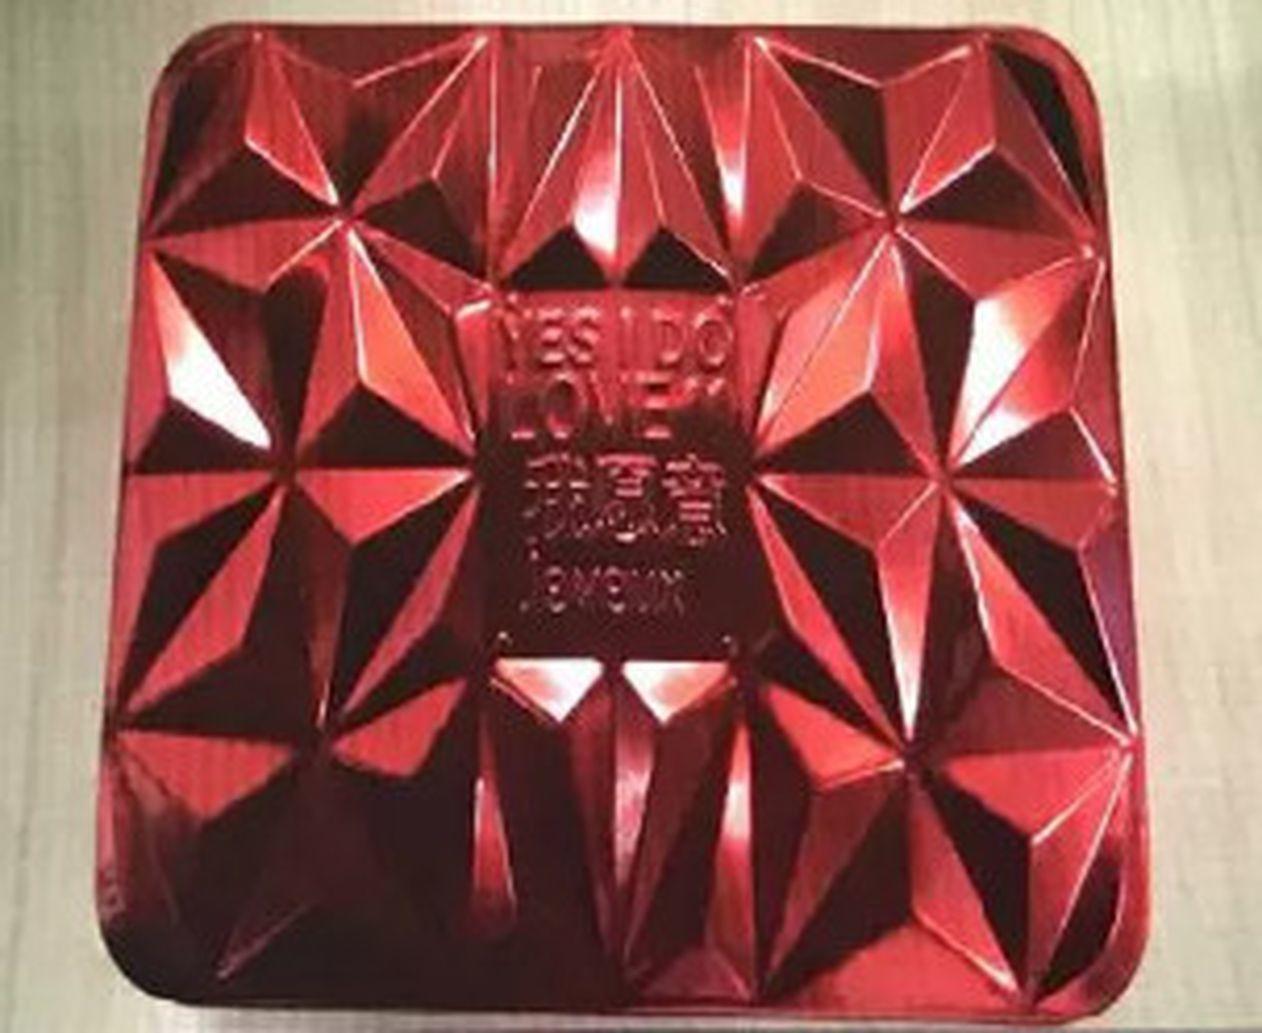 紅色月餅盒子。(視頻截圖)